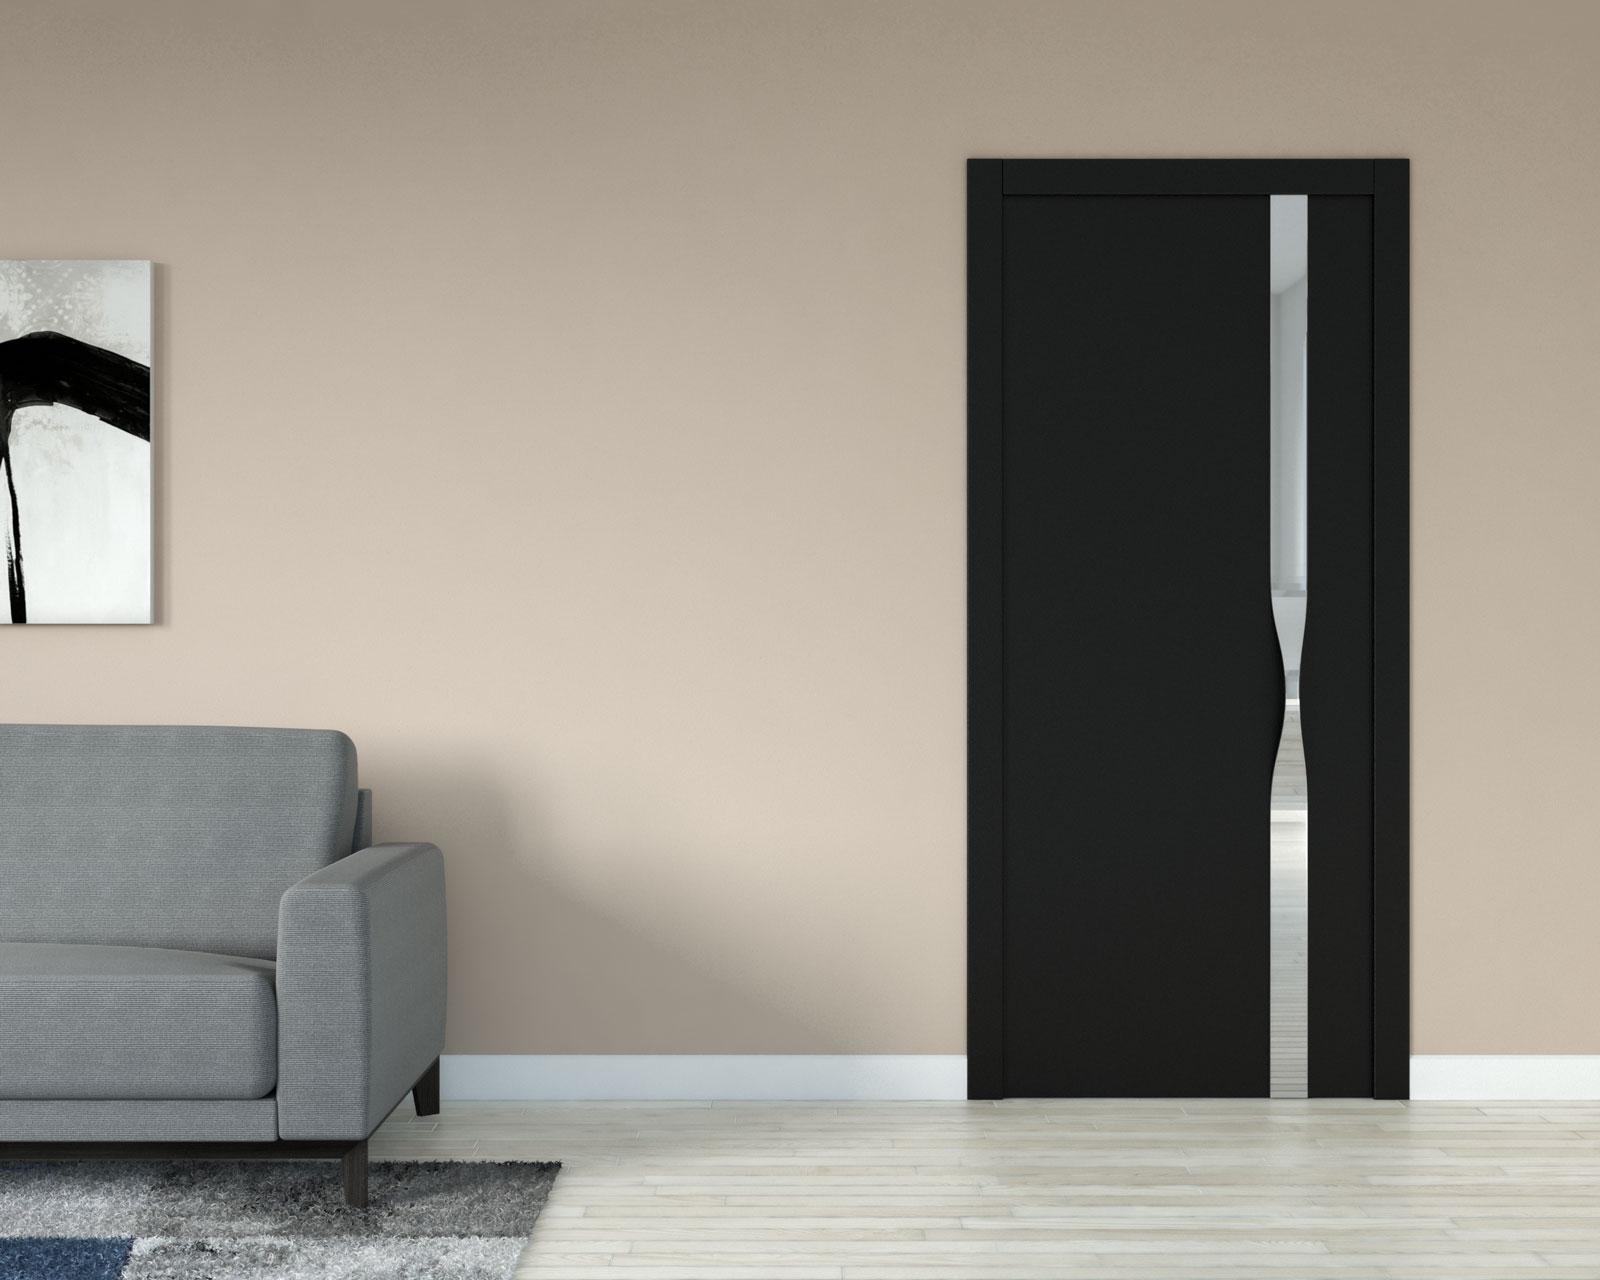 Brown wall with black door